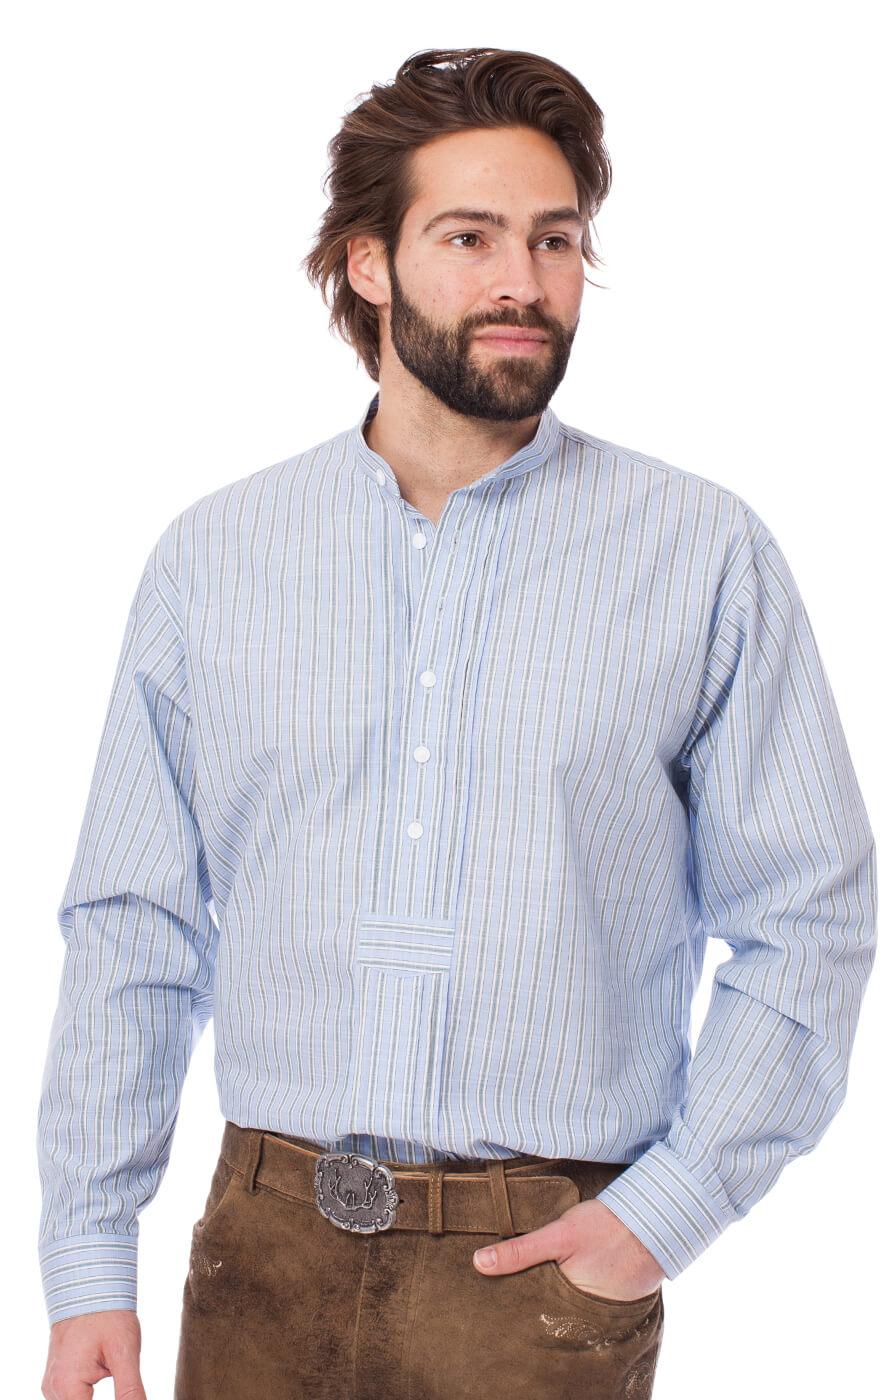 German traditional shirt 920001-3494-41 lightblue von OS-Trachten